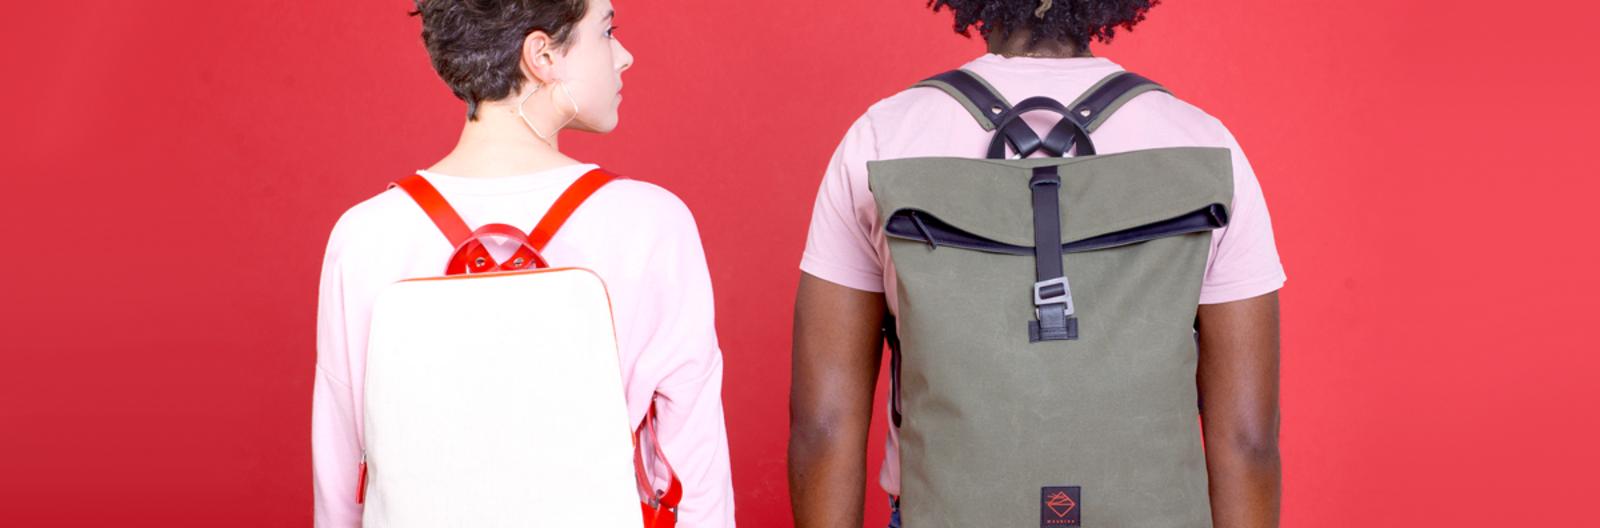 Egy új táskára mindig szükség van! – 5+1 új kedvencünk